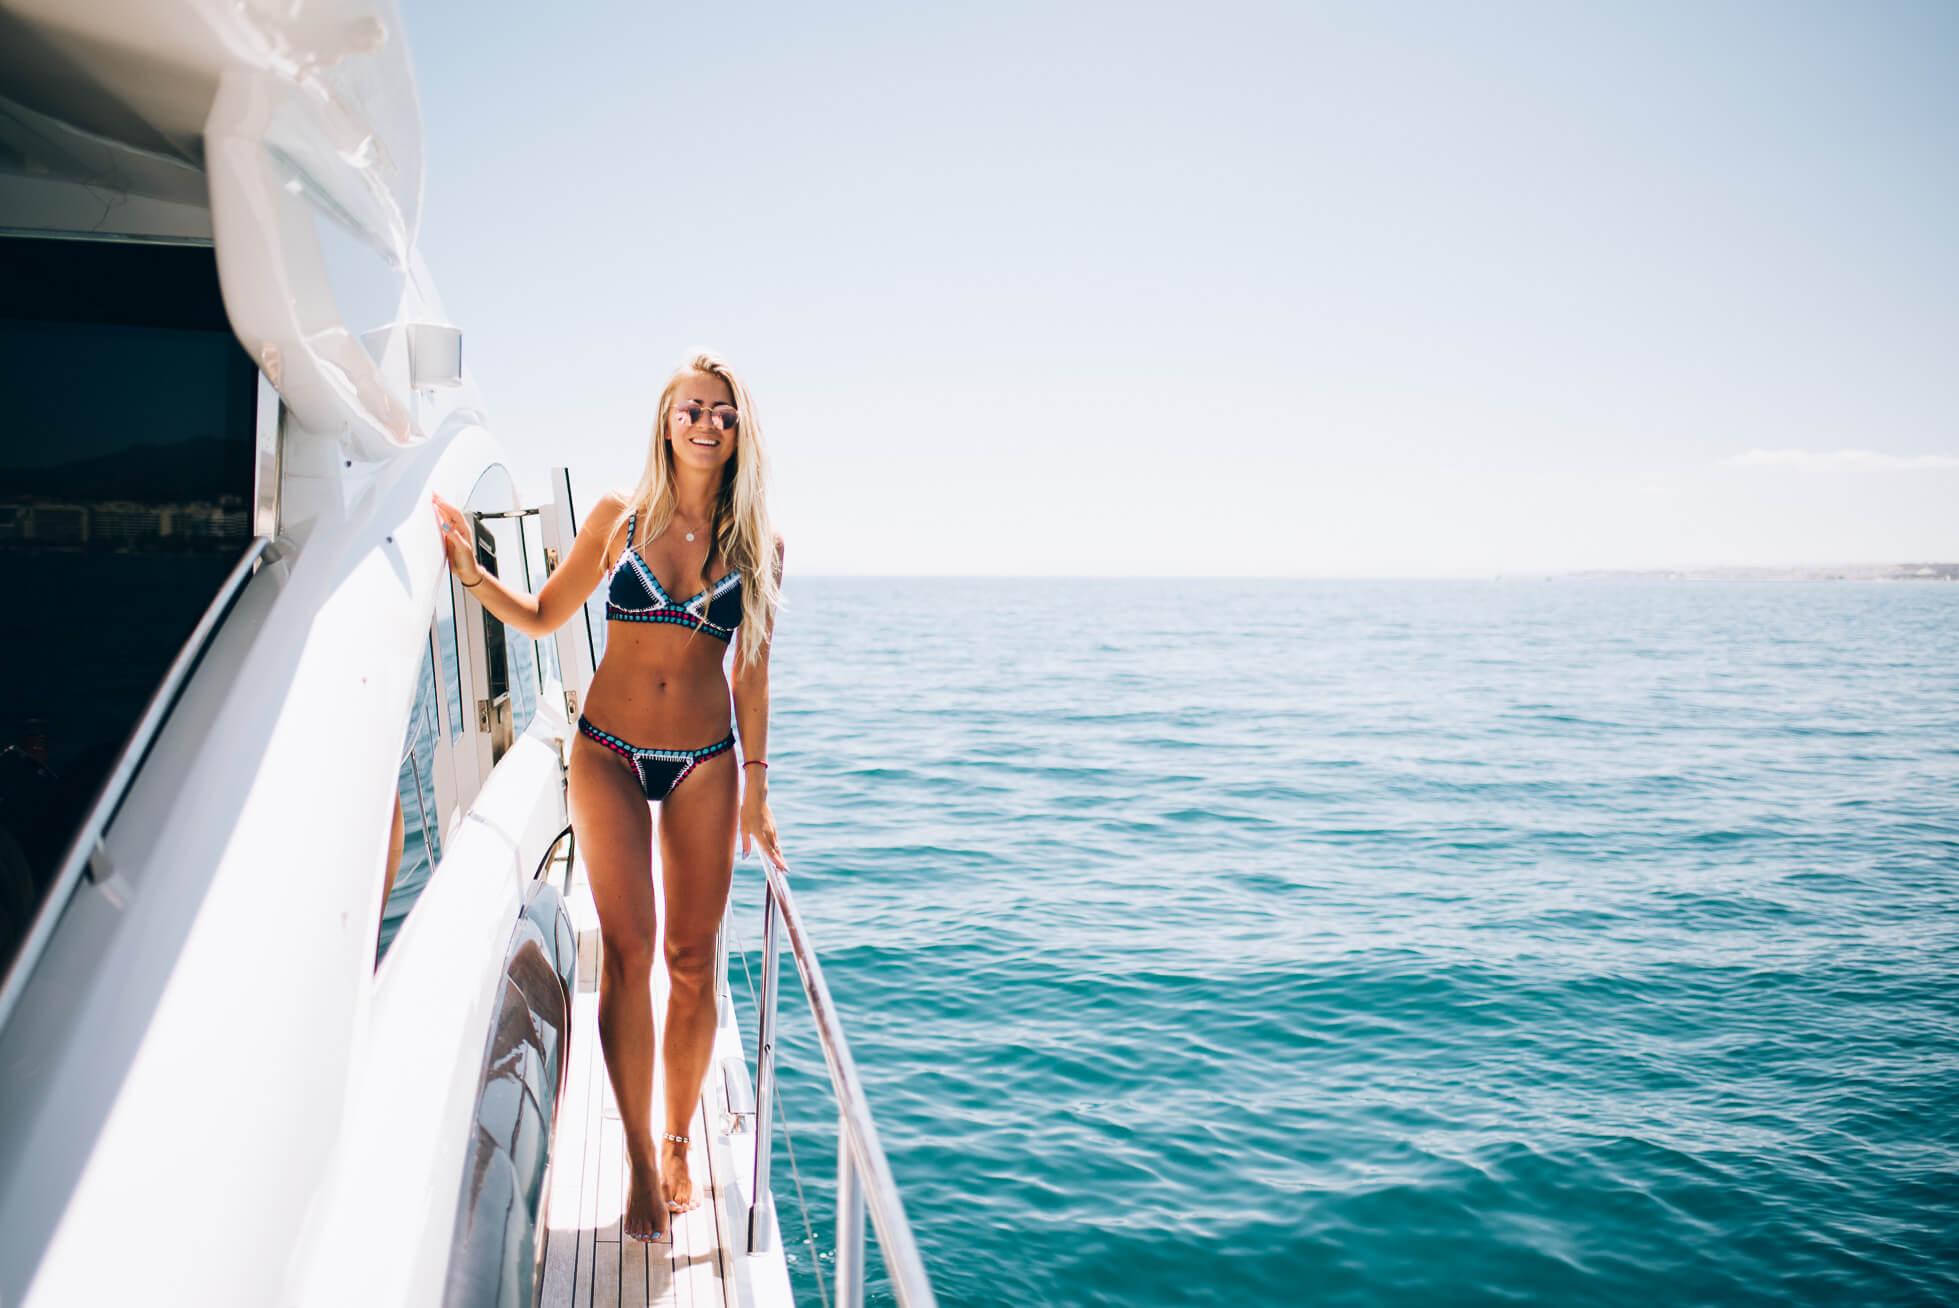 janni-deler-bikini-daysDSC_7633